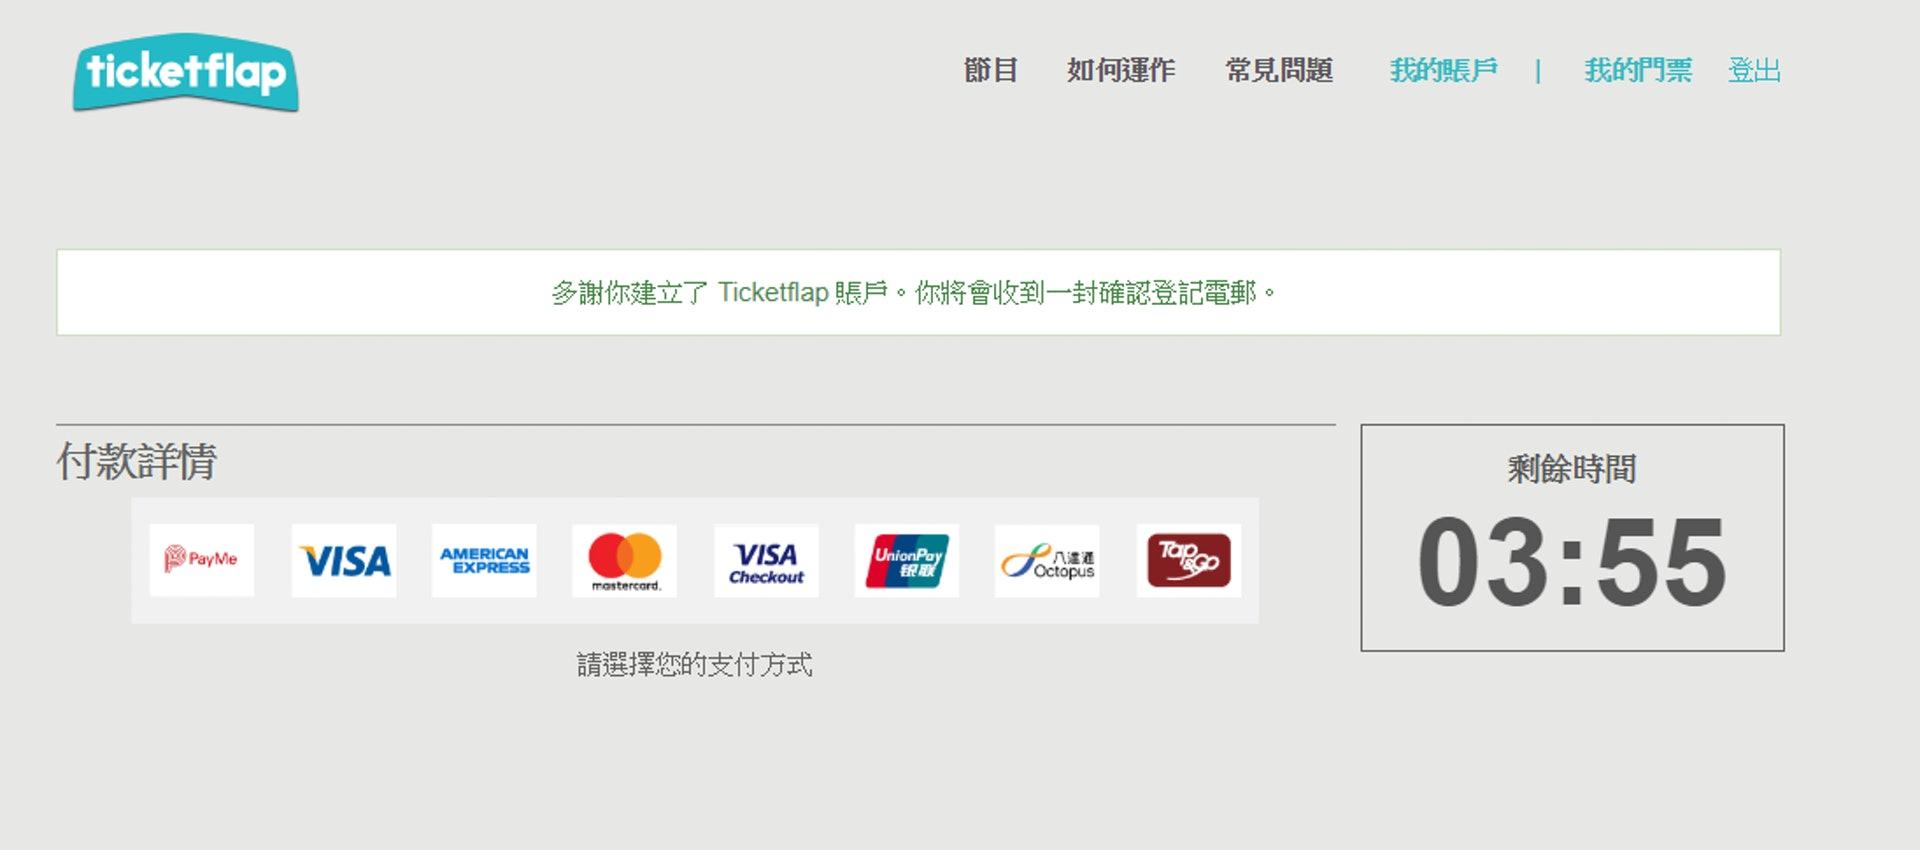 輸入信用卡資料,完成付款過程(ticketflap 官網截圖)